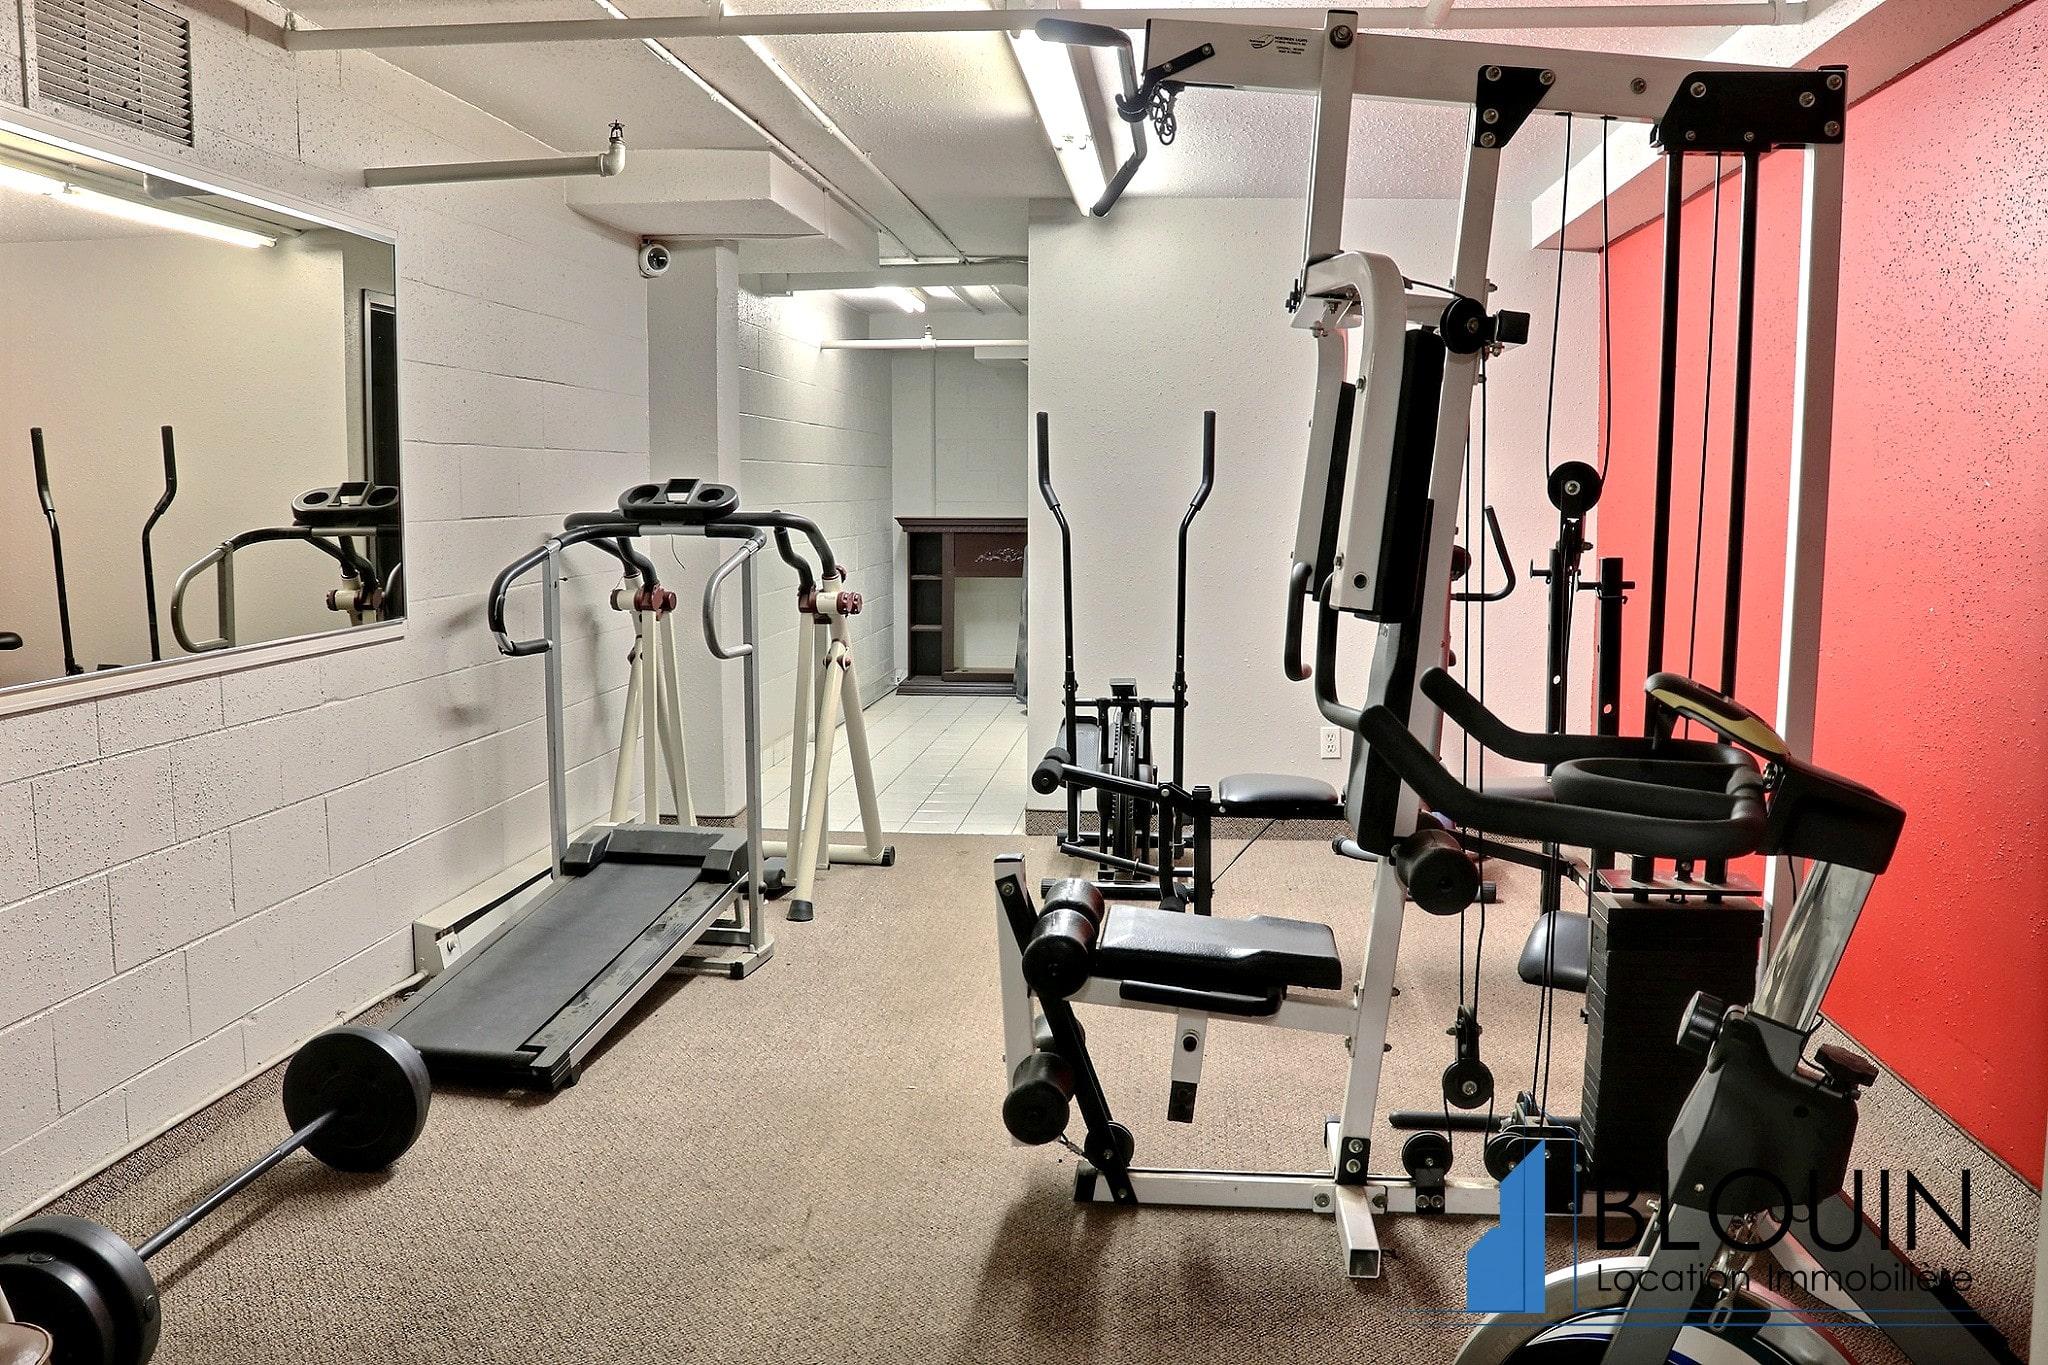 Photo 18 : 4 ½ à Charlesbourg, libre pour Novembre, Piscine + gym + Deux Stationnements